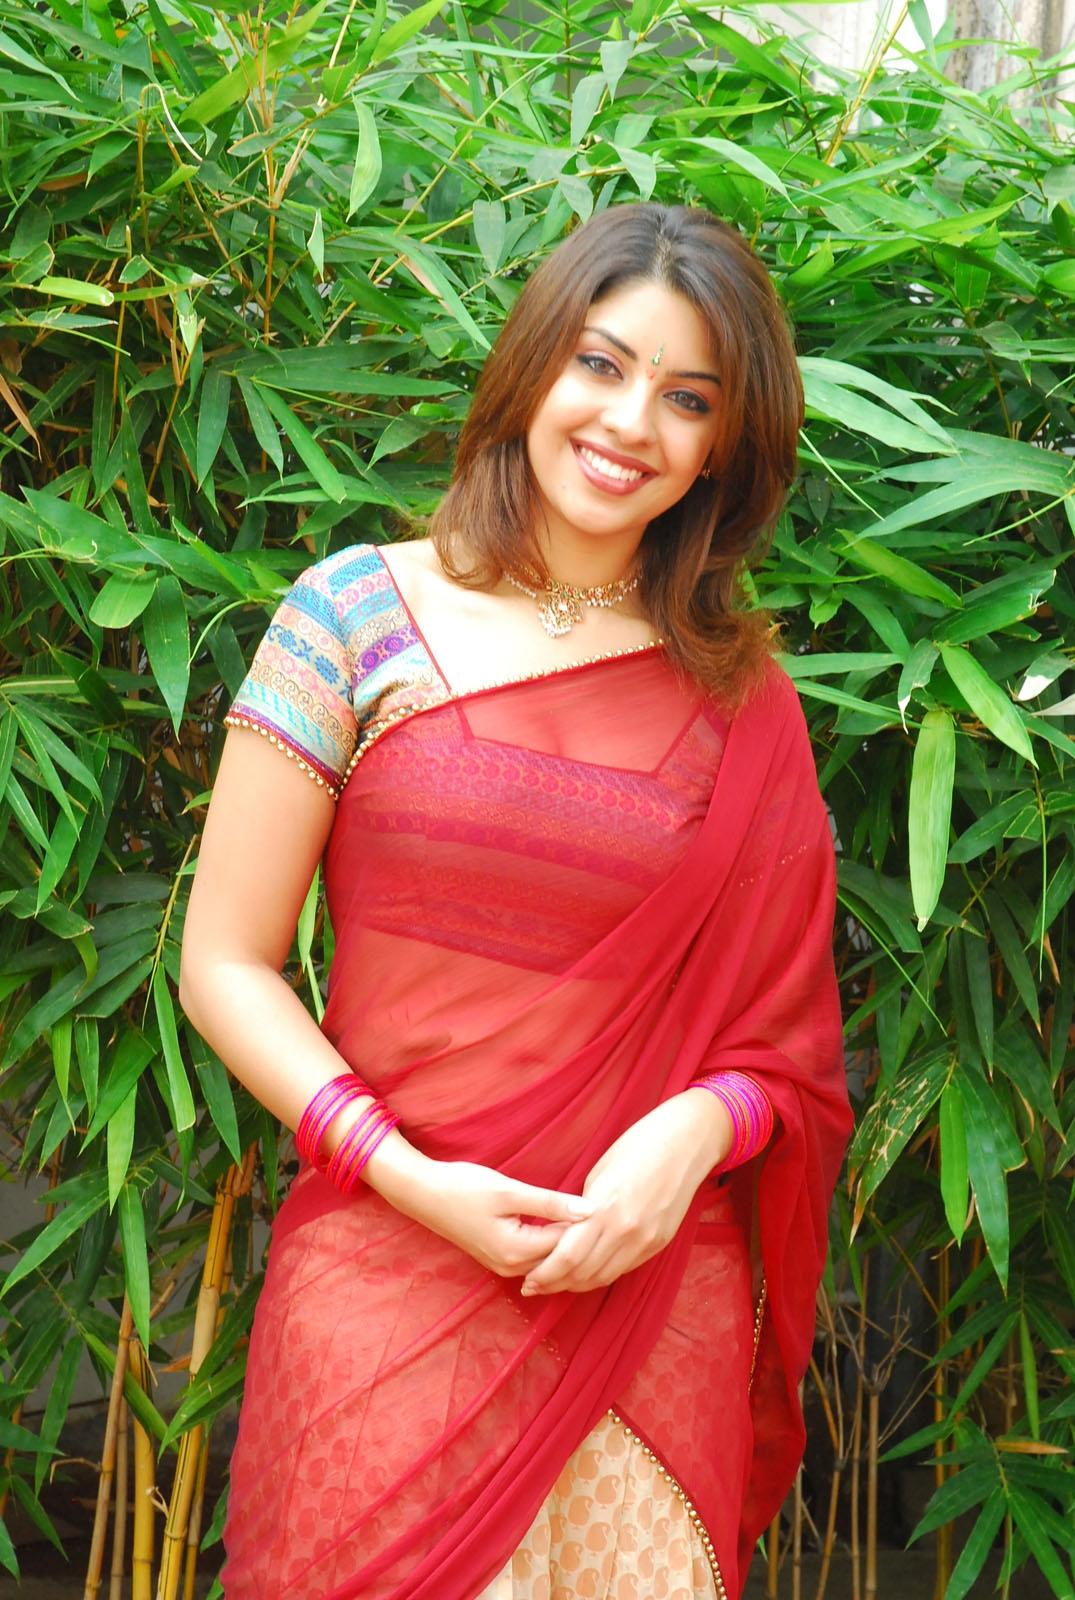 Richa gangopadhyay in red